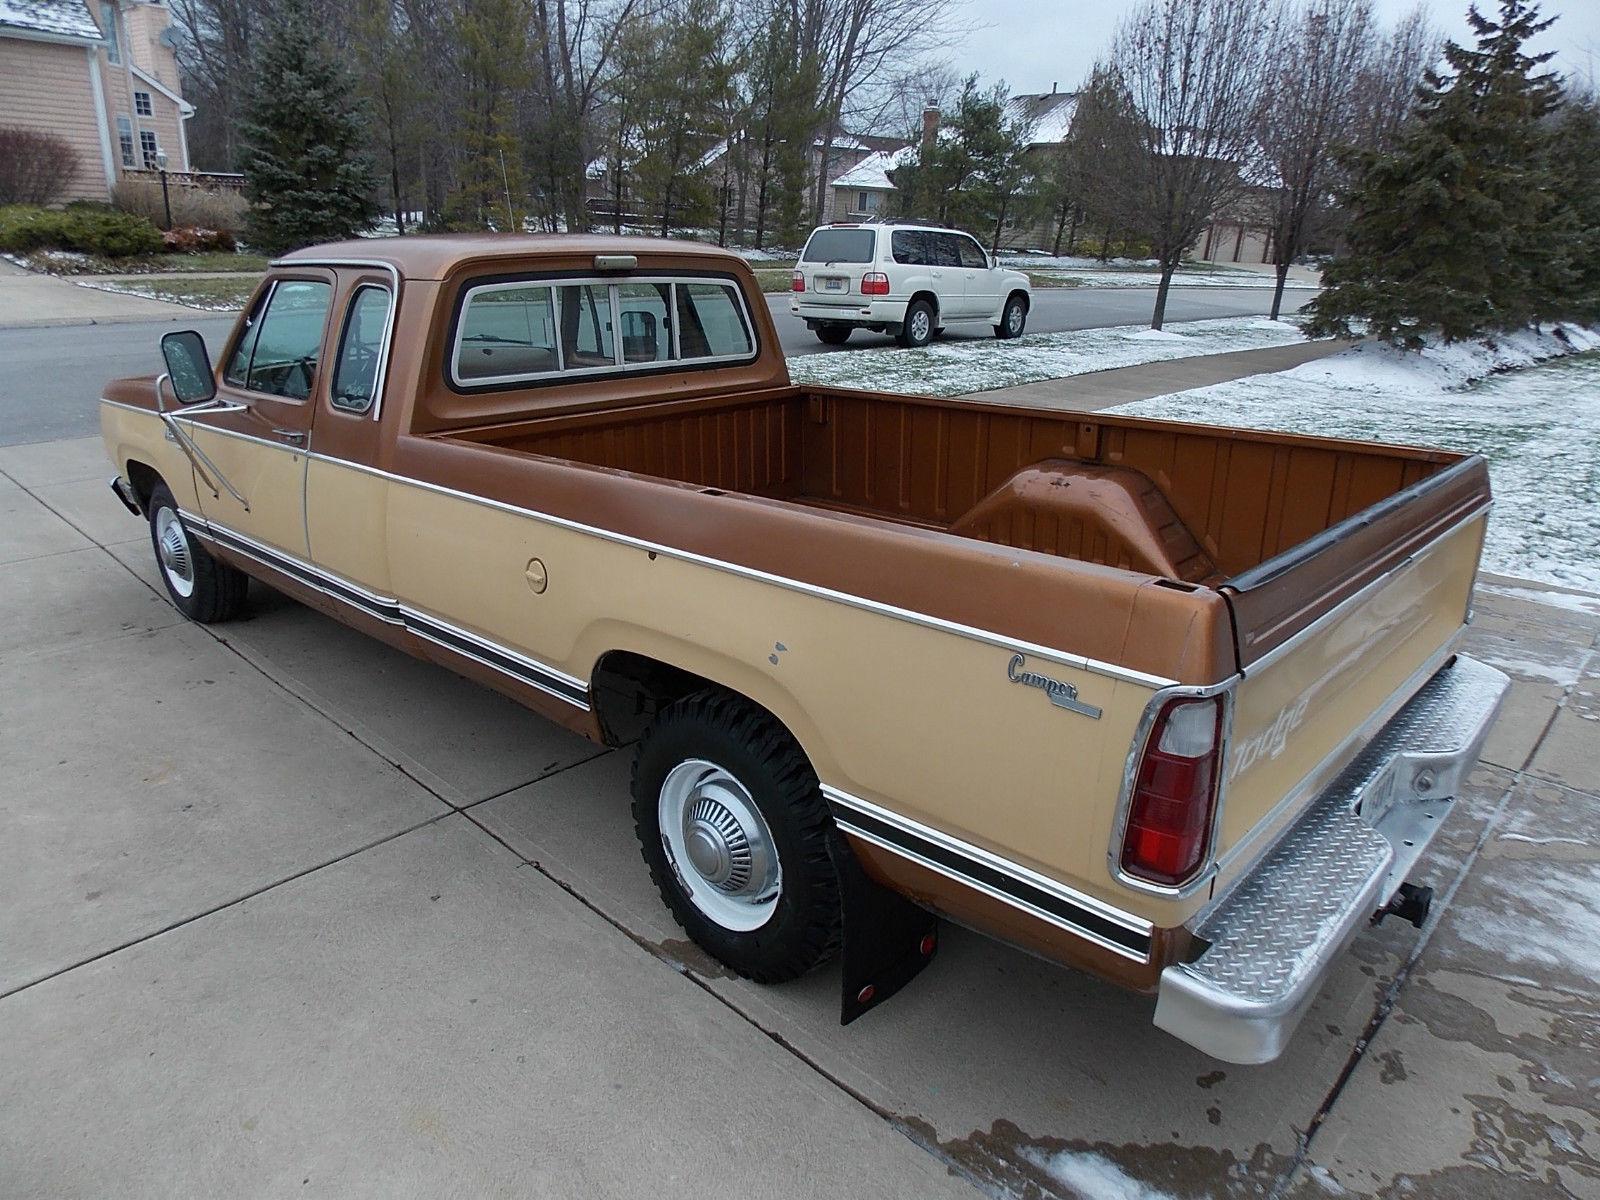 1977 dodge d200 adventurer club cab pick up truck classic dodge other pickups 1977 for sale. Black Bedroom Furniture Sets. Home Design Ideas